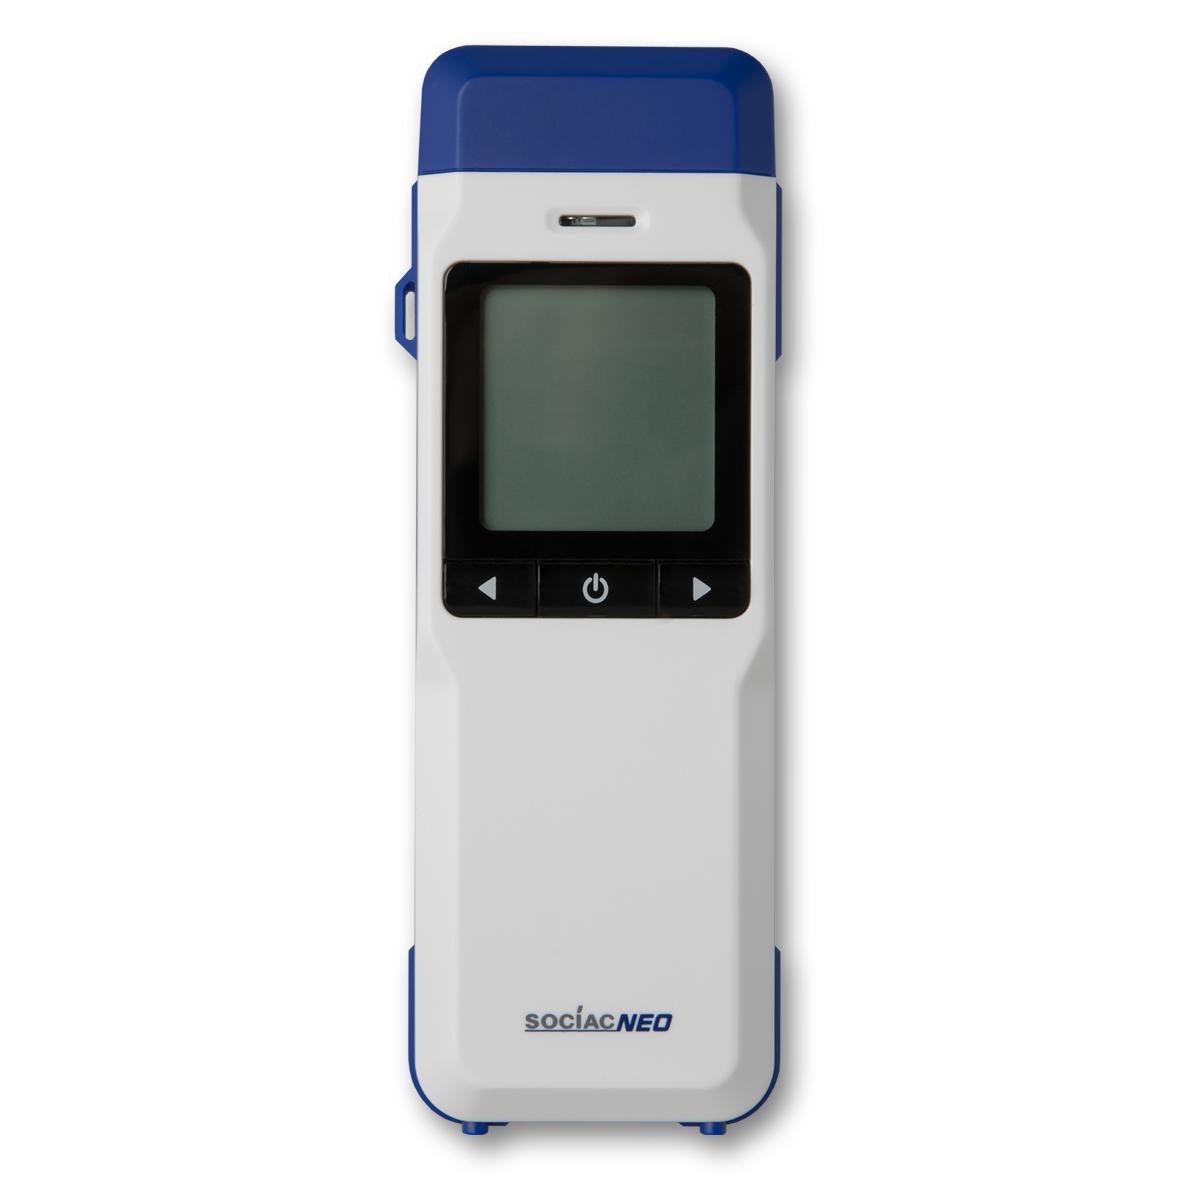 ソシアックの 多機能 高品質 に 精緻を極めた電気化学式センサー搭載 ポイント5倍 業務用アルコールチェッカー セットアップ ネオ SC-502 ソシアック 出荷 NEO